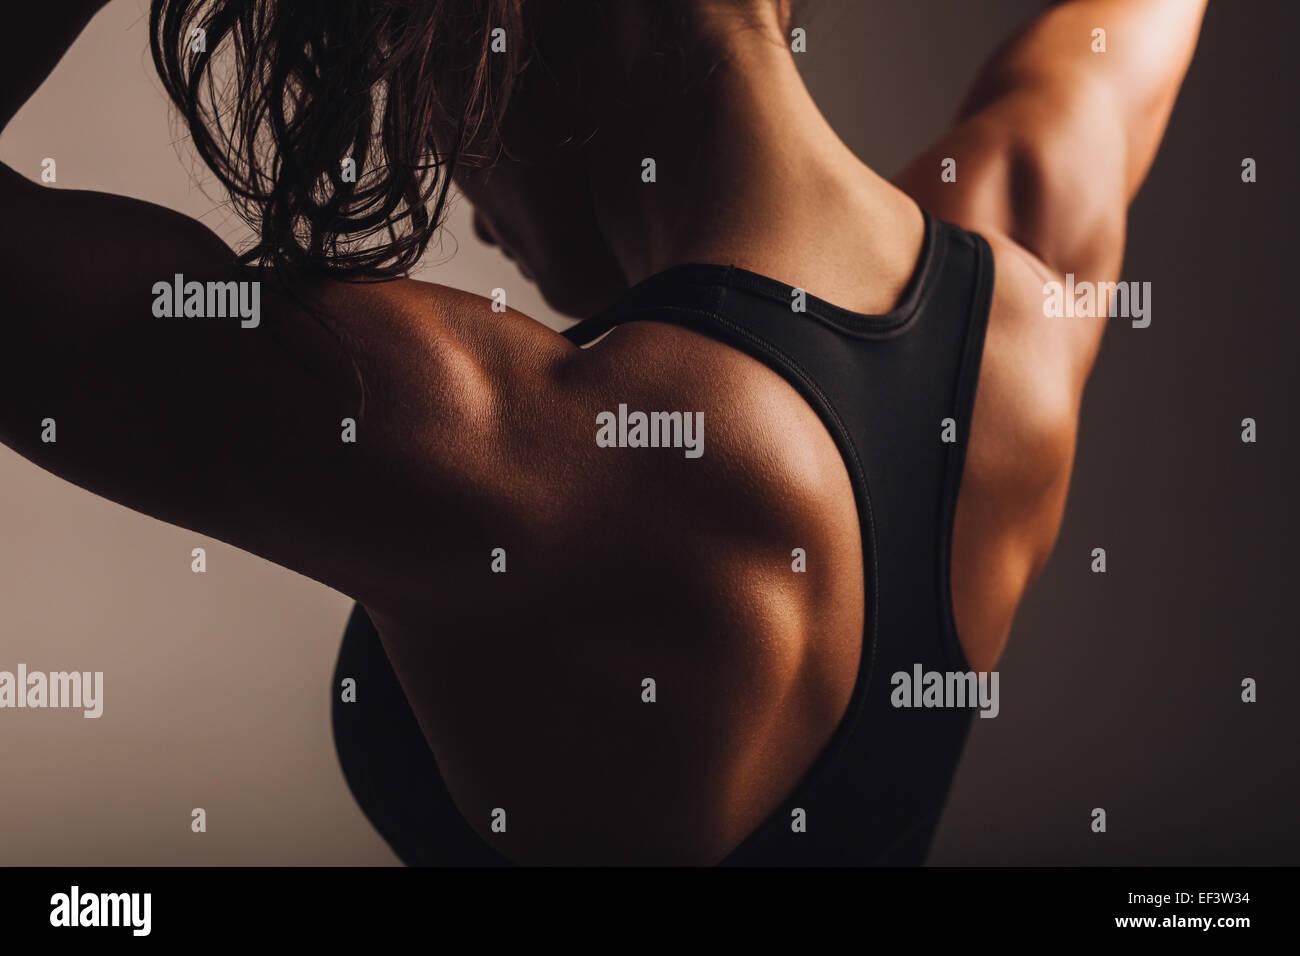 Primer plano de la parte posterior del modelo de fitness femenino. Joven en ropa deportiva con cuerpo musculoso. Imagen De Stock